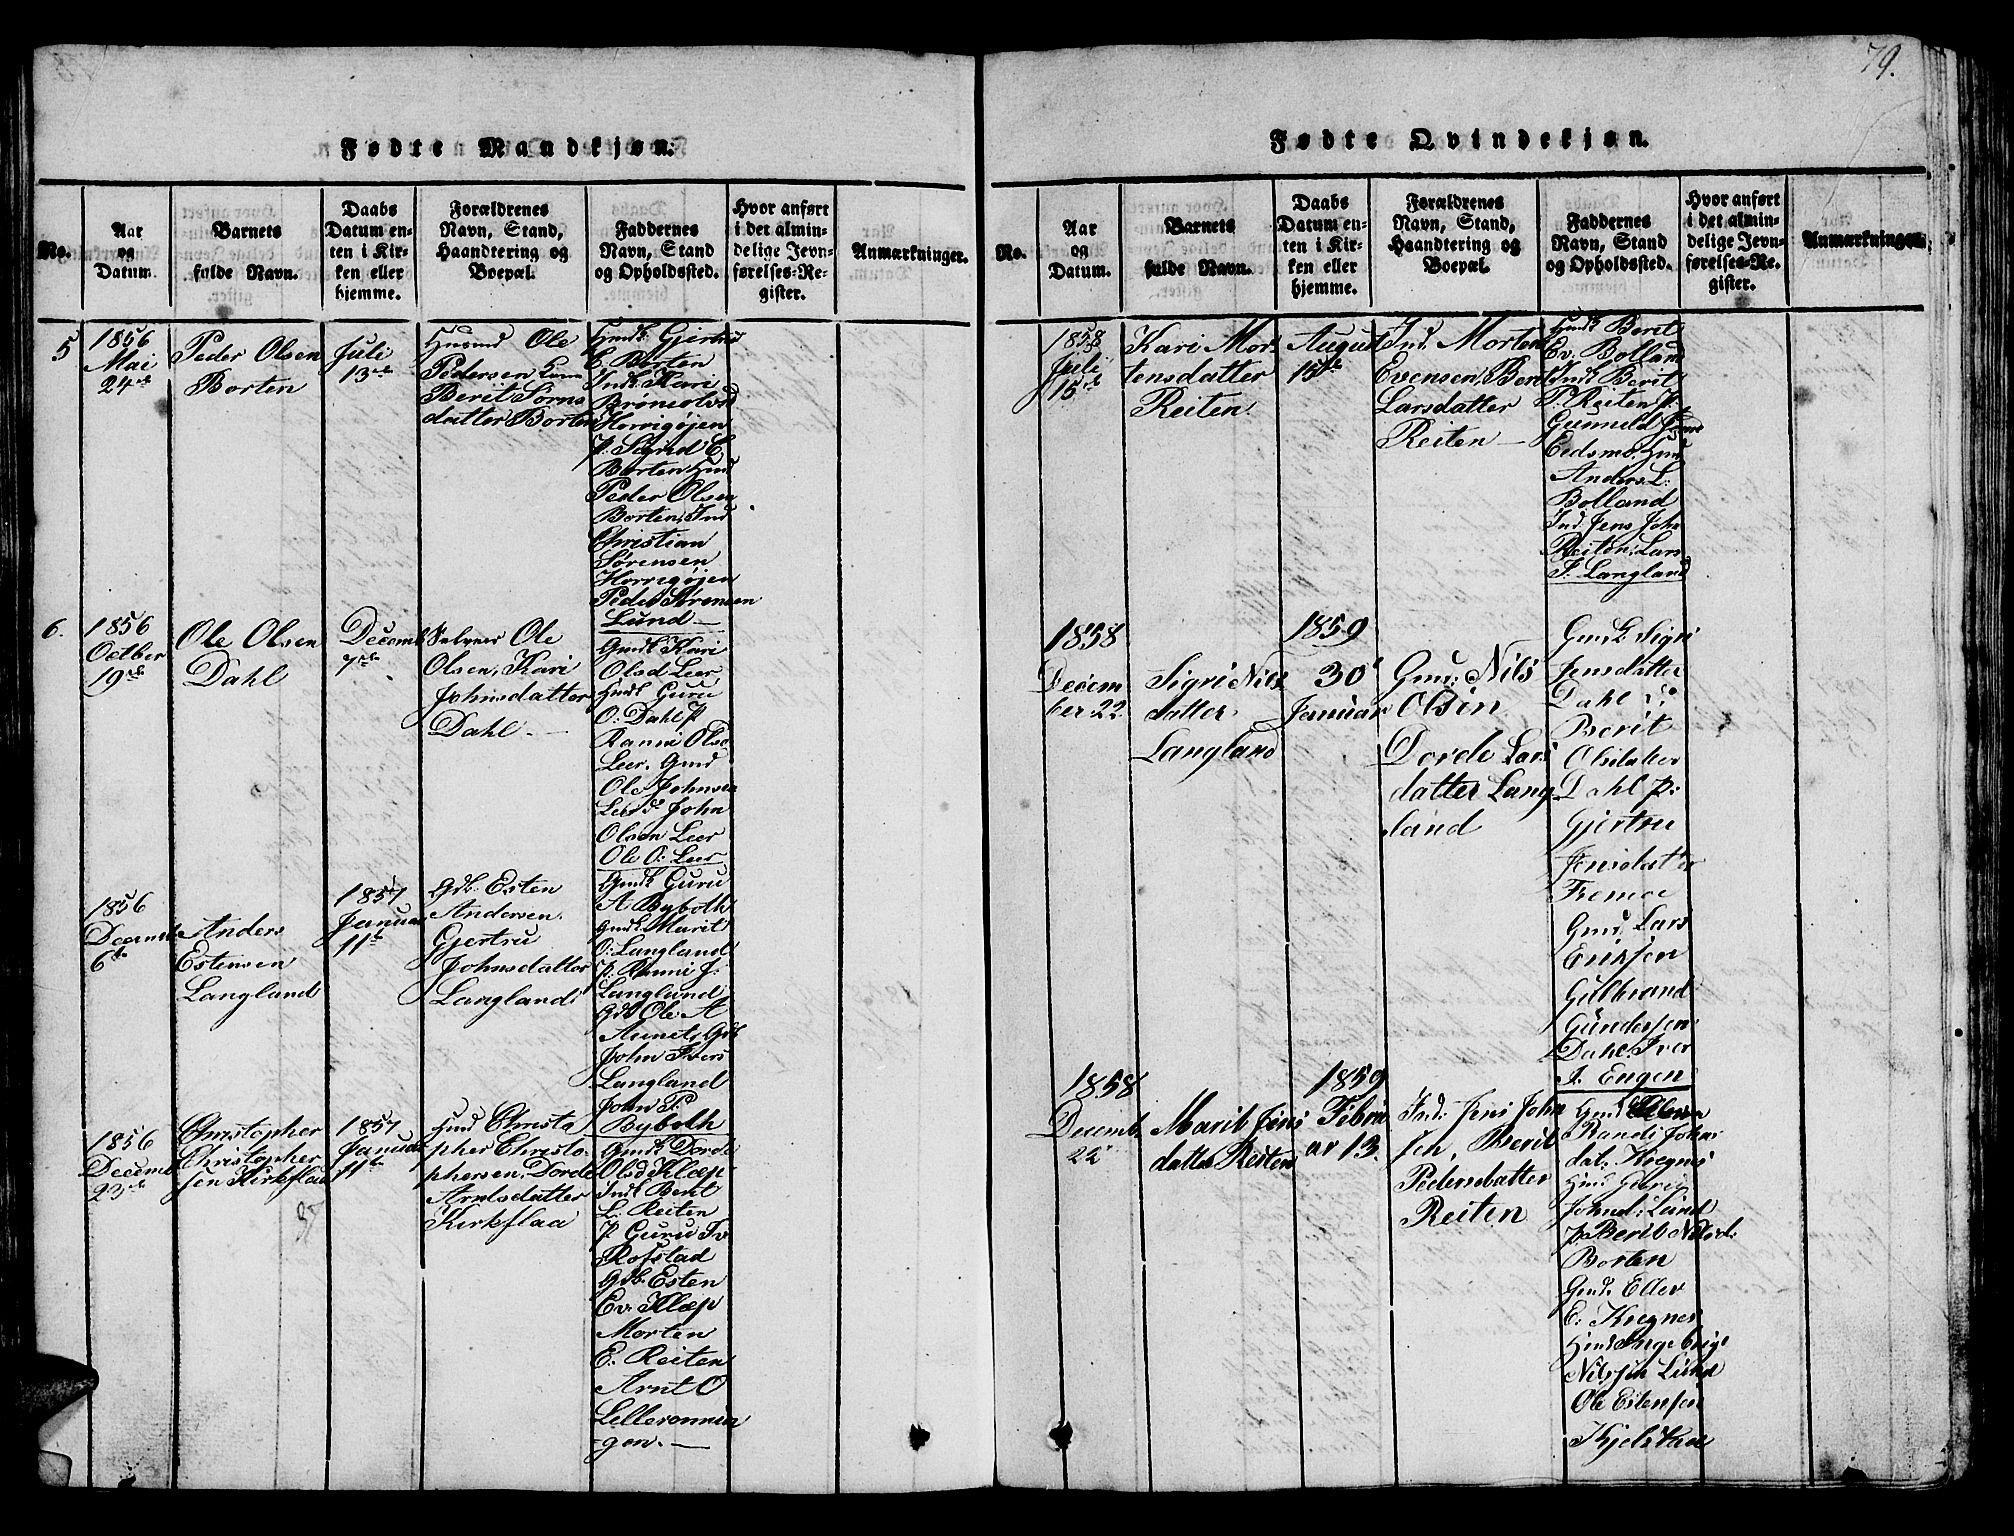 SAT, Ministerialprotokoller, klokkerbøker og fødselsregistre - Sør-Trøndelag, 693/L1121: Klokkerbok nr. 693C02, 1816-1869, s. 79